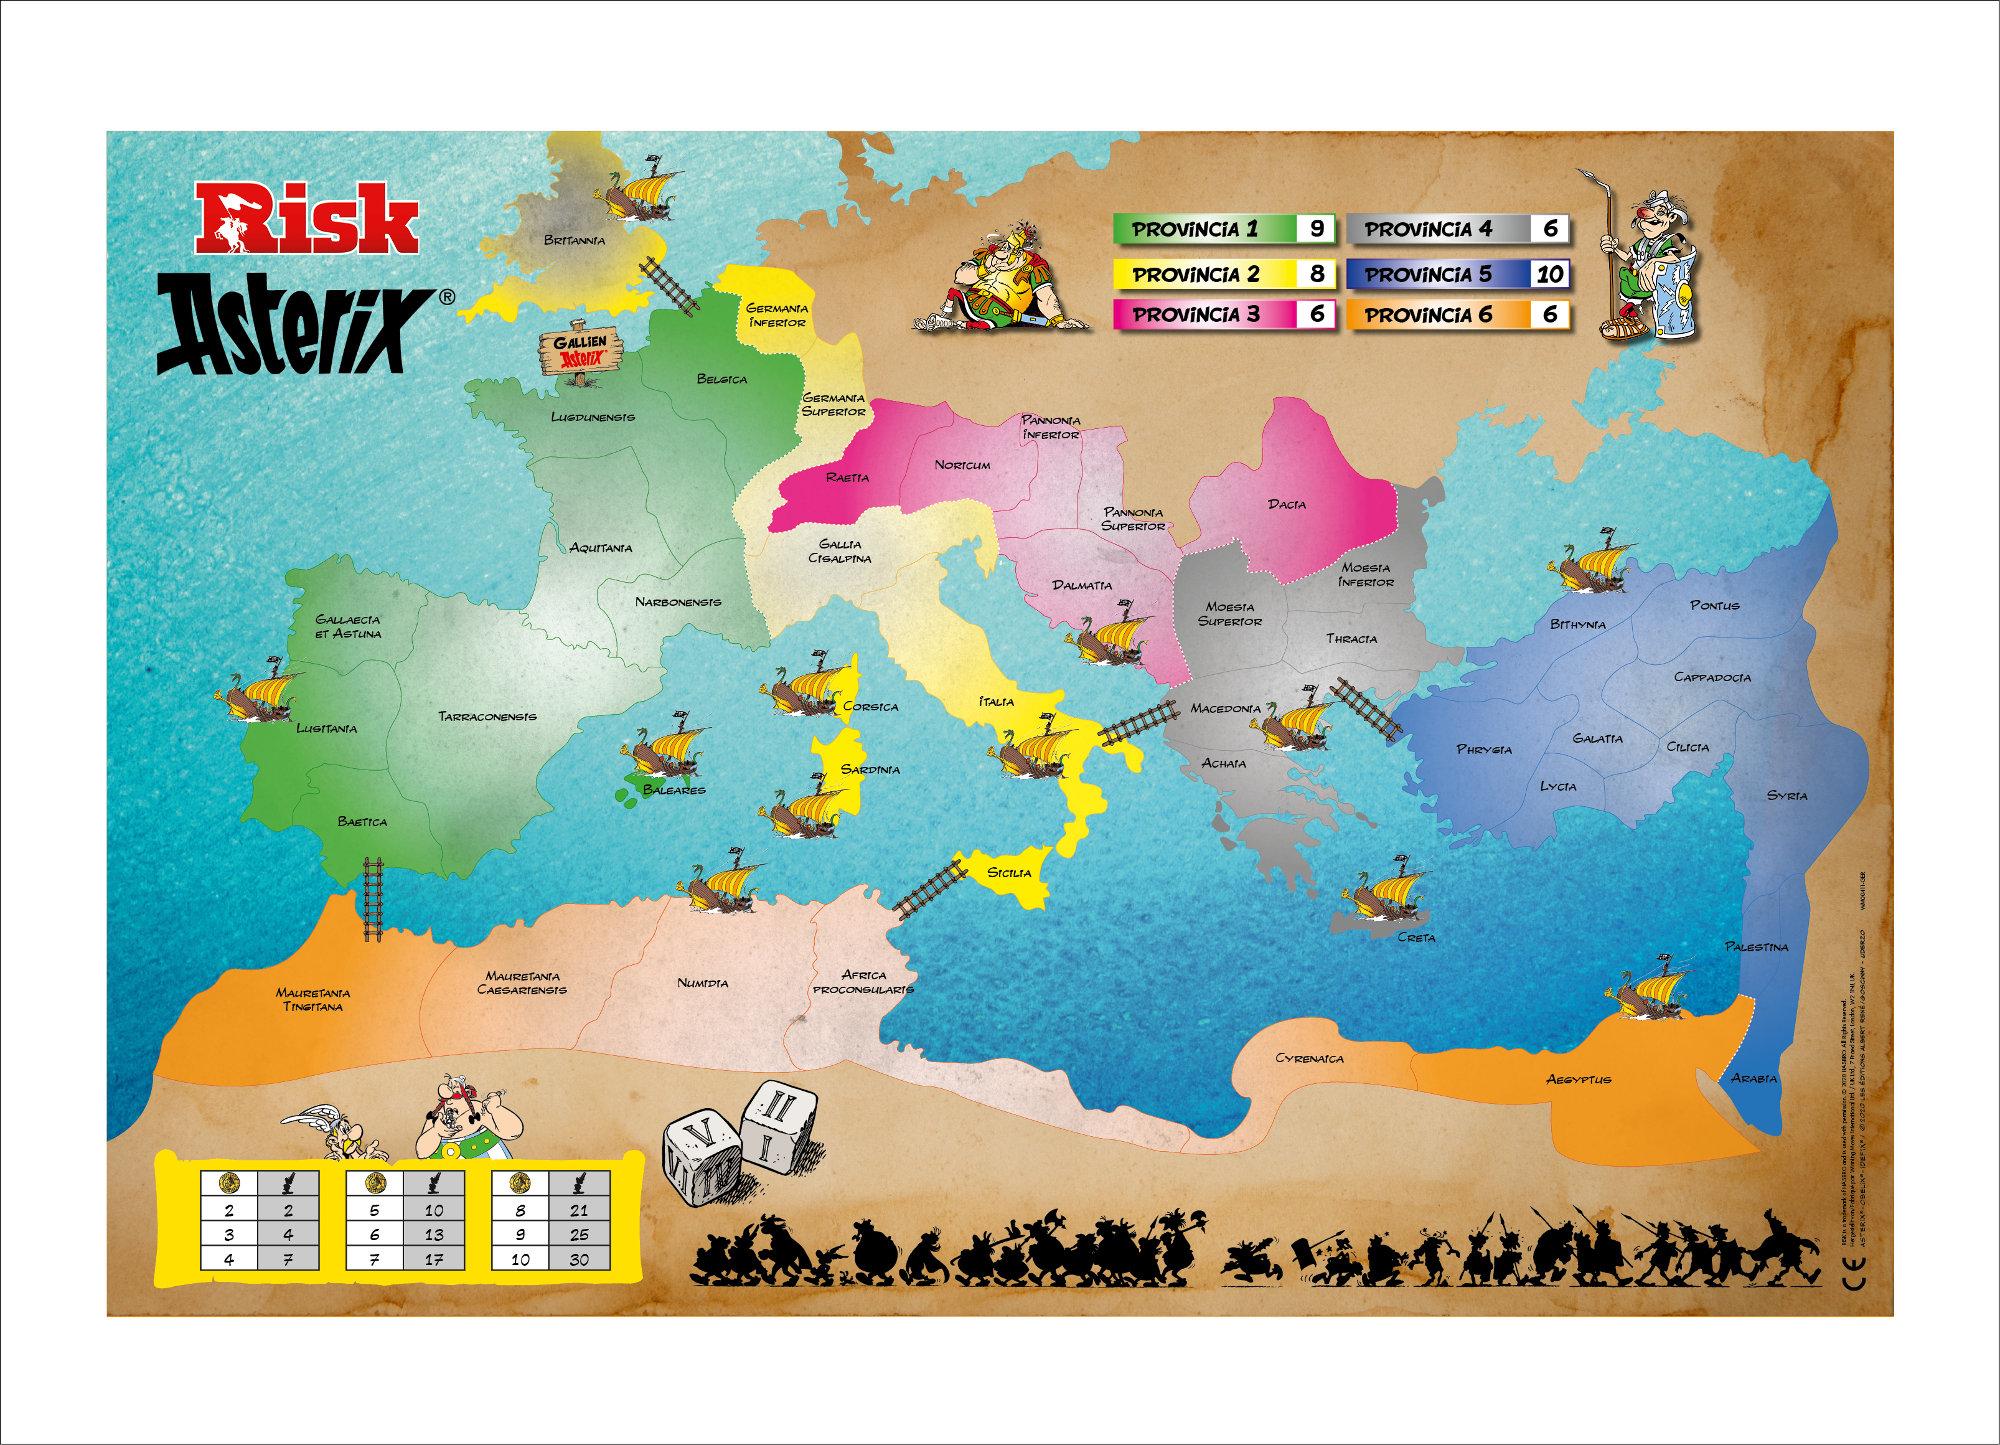 Risiko Asterix und Obelix